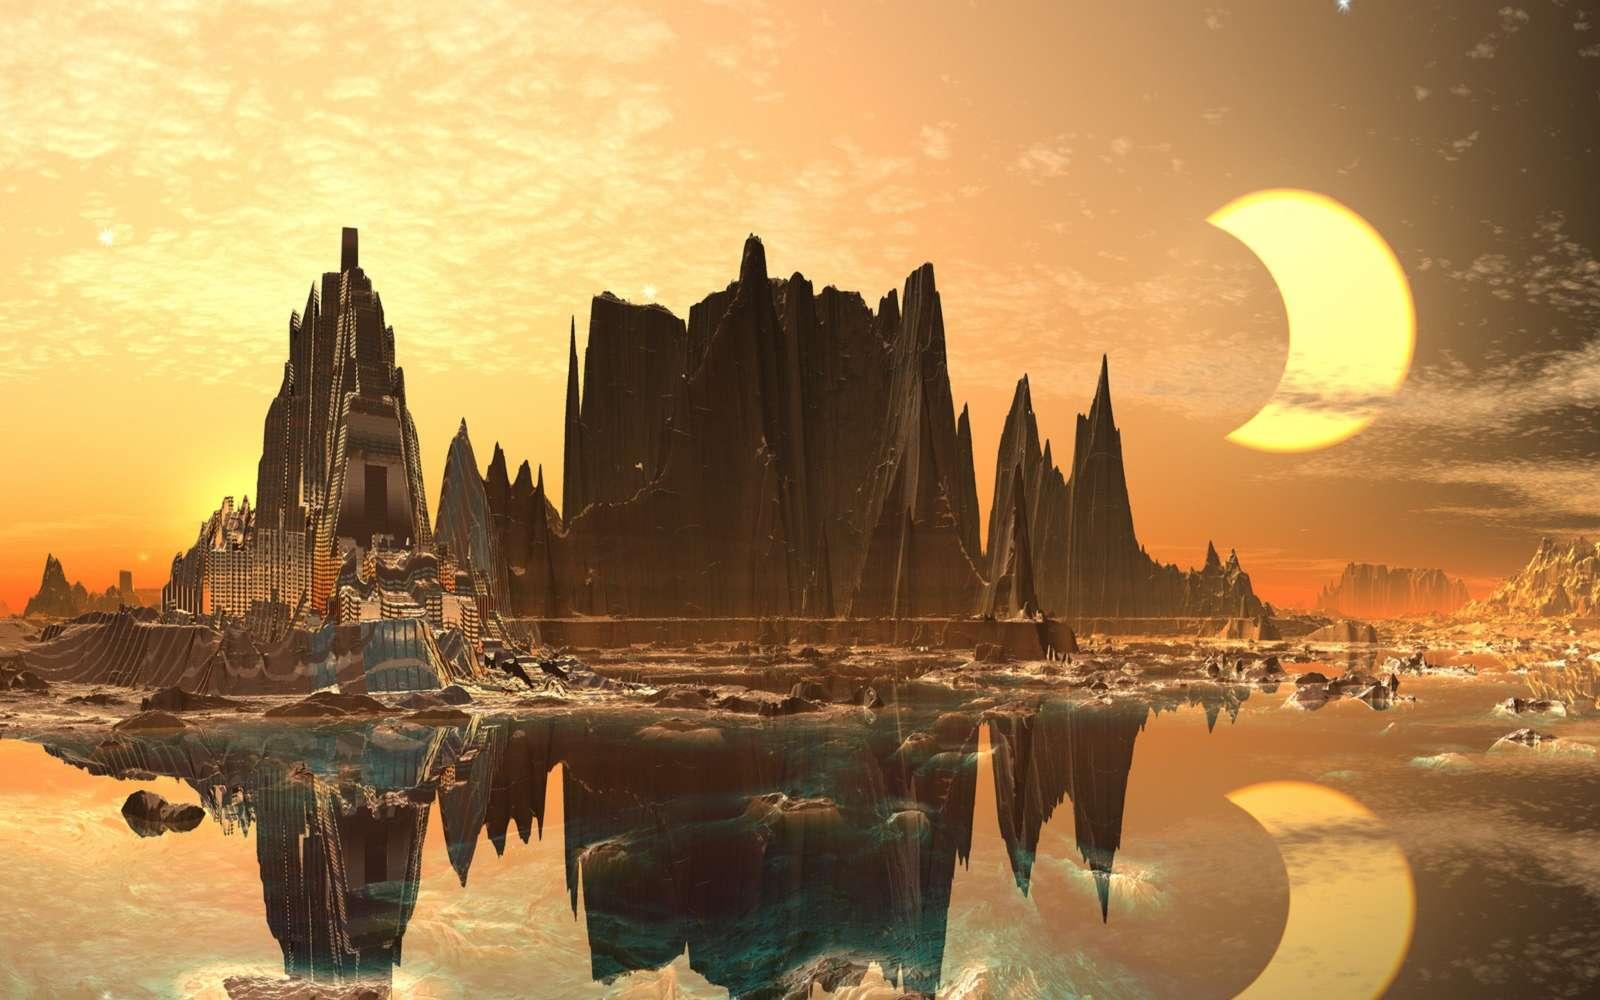 Sur Hypérion, le voile se lève sur les Tombeaux du Temps. Bientôt ils s'ouvriront et le terrible secret de leur fondation sera dévoilé. © Angela Harburn, Fotolia